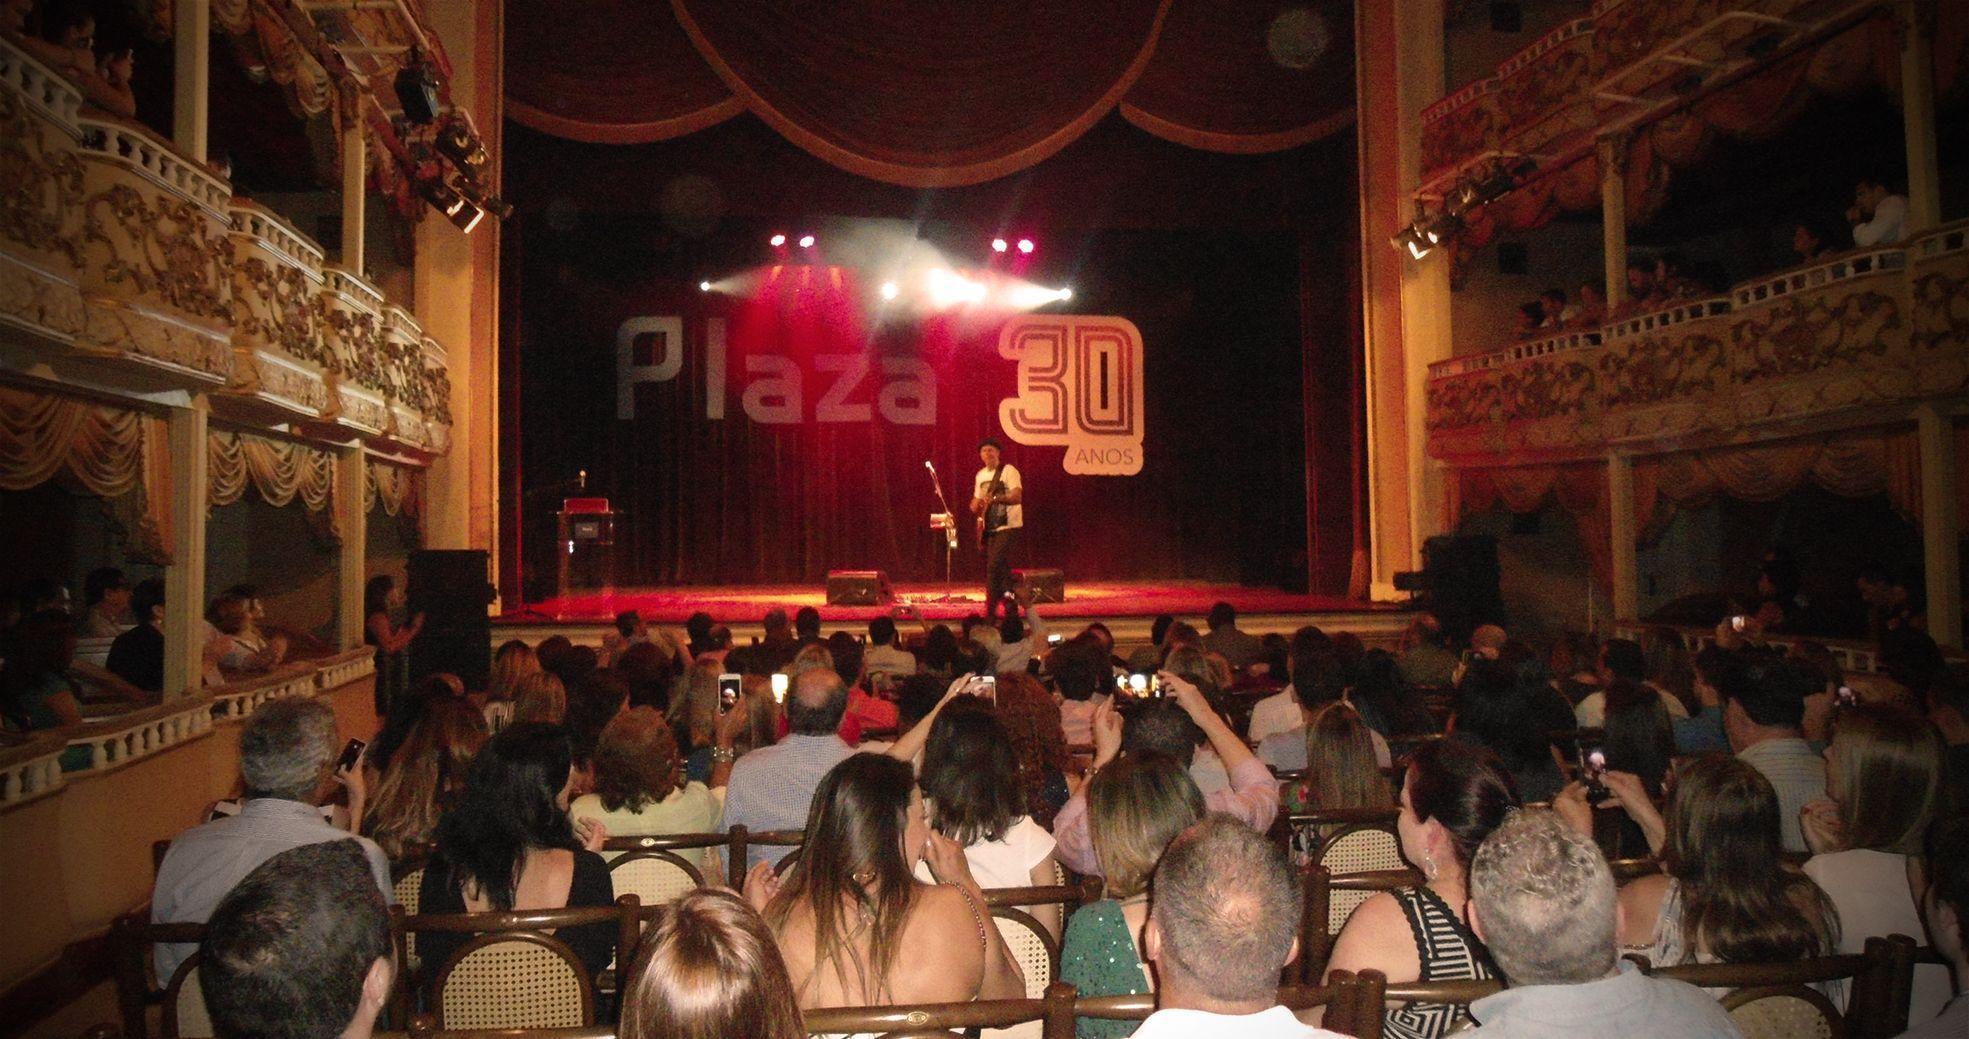 Evento de 30 anos Shopping Plaza Niterói – Agência DosReis Live Marketing